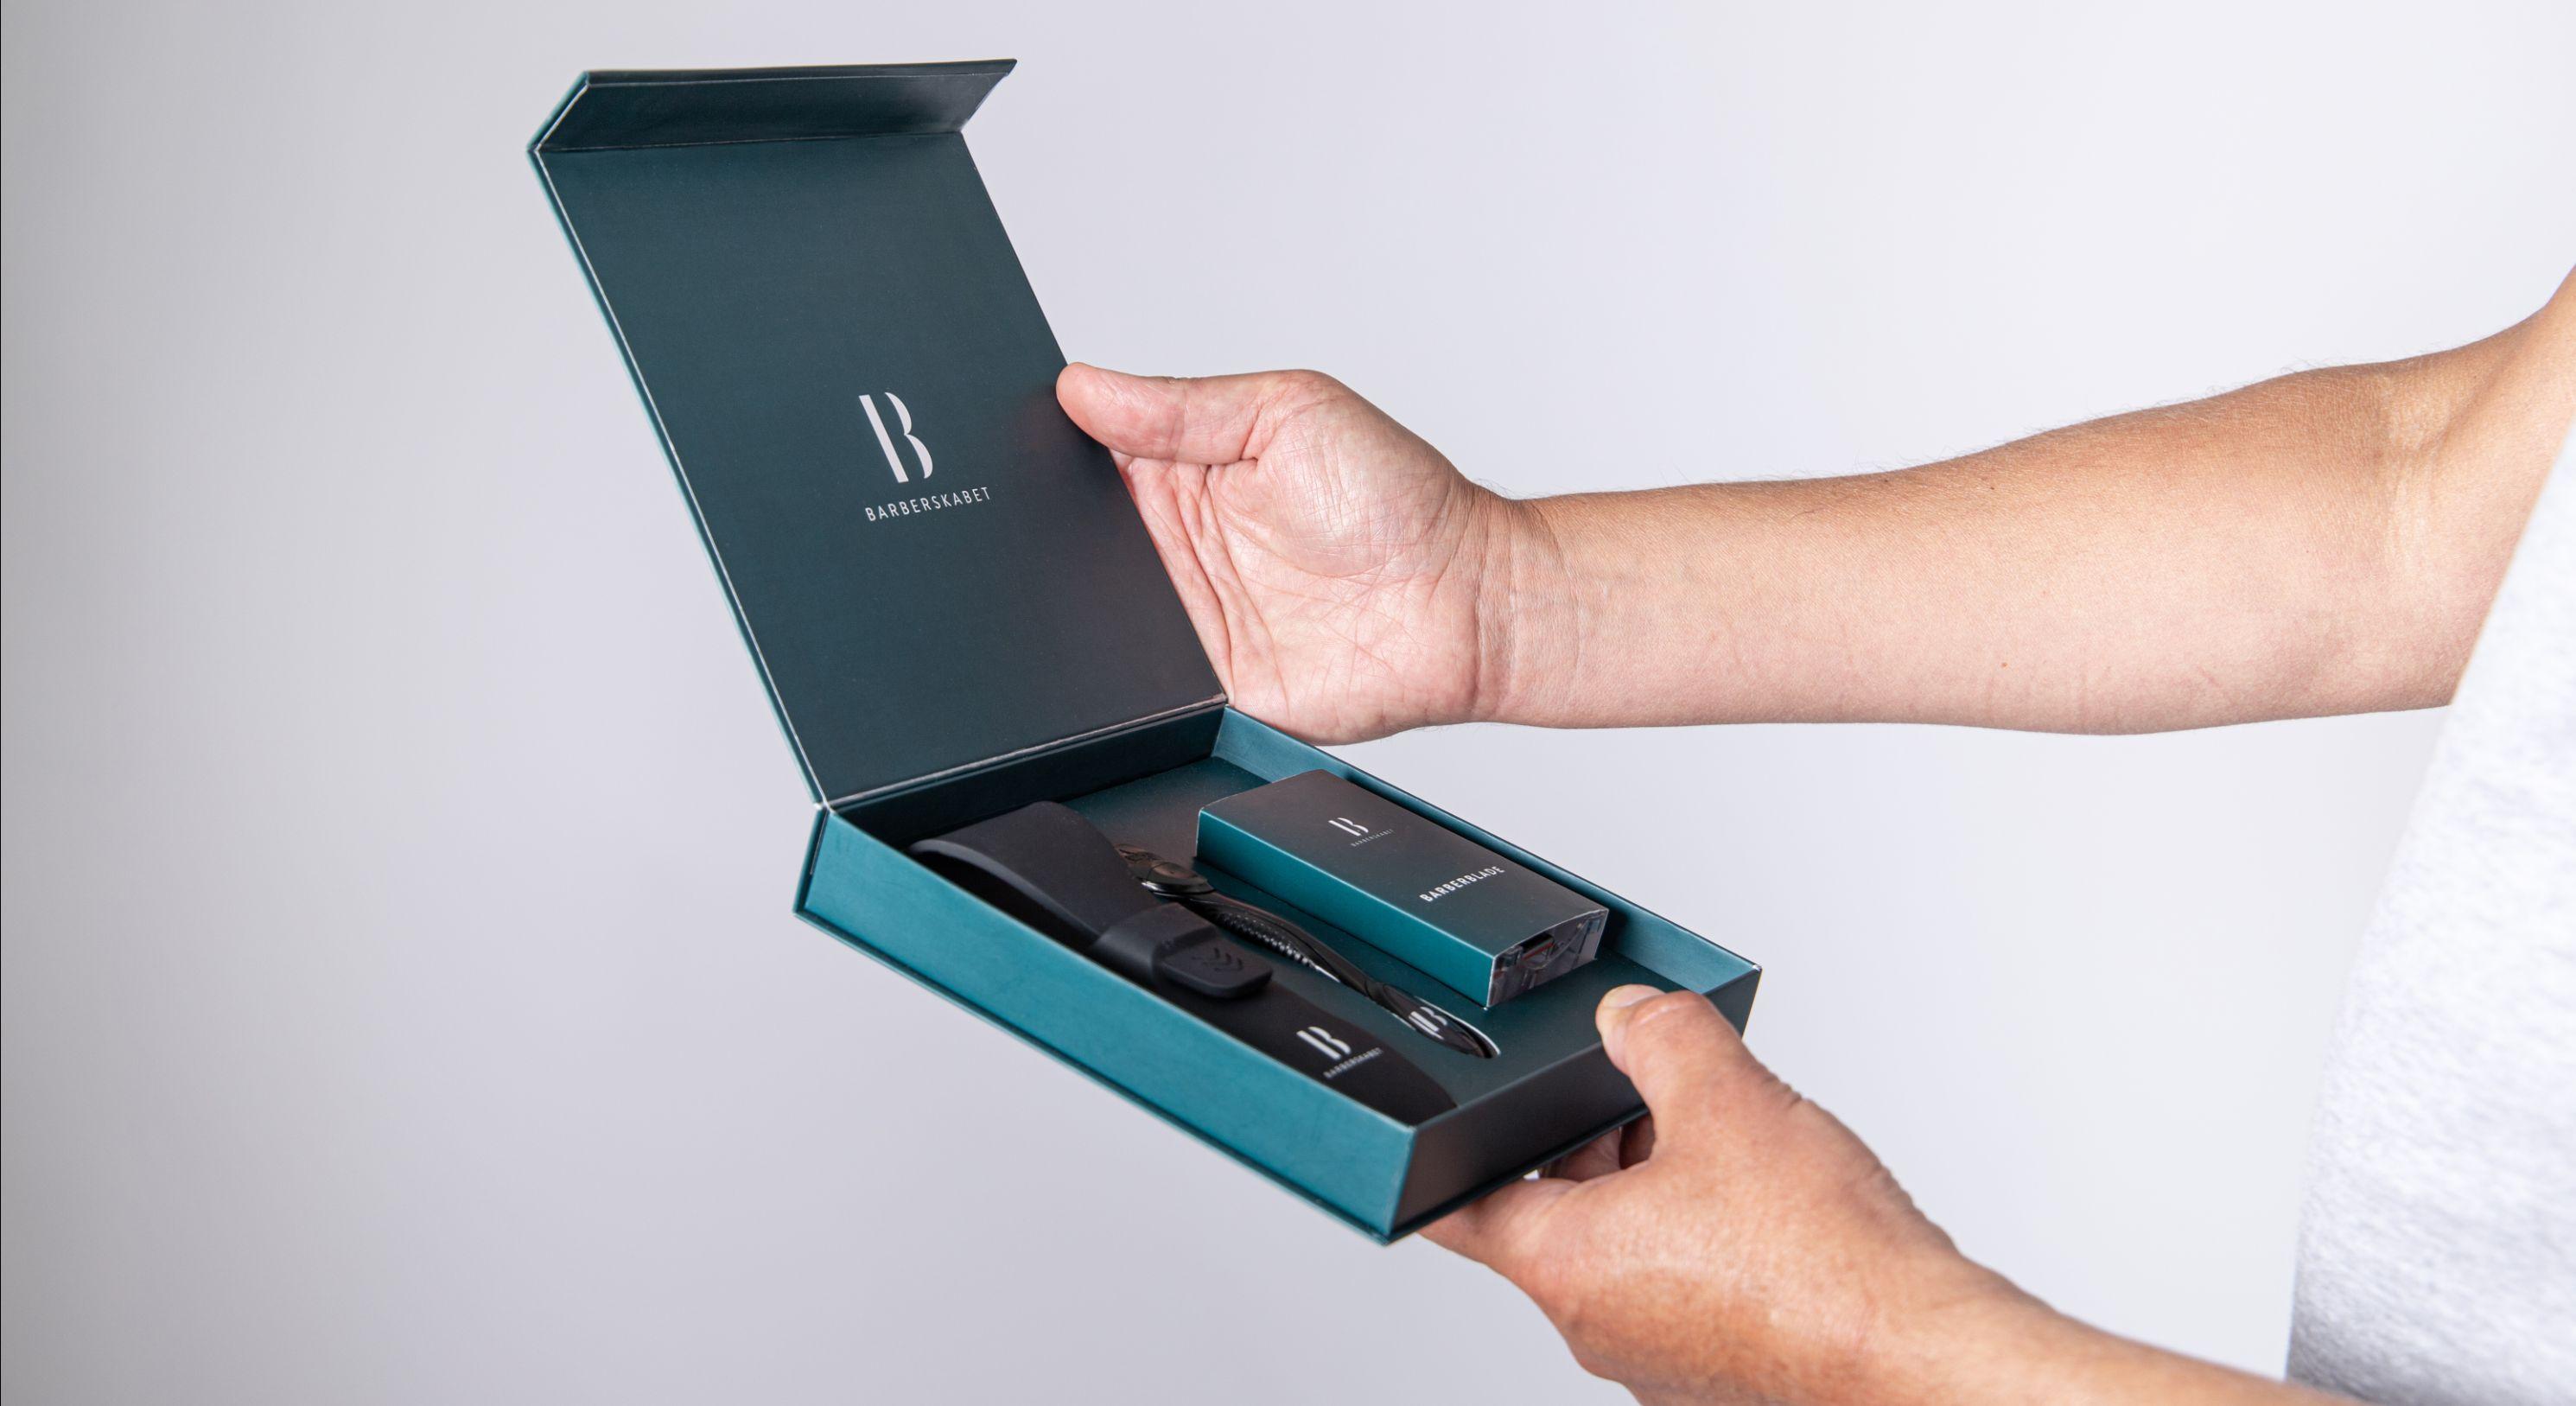 Prøvepakke med barberblade med rejseetui og håndtag/skraber